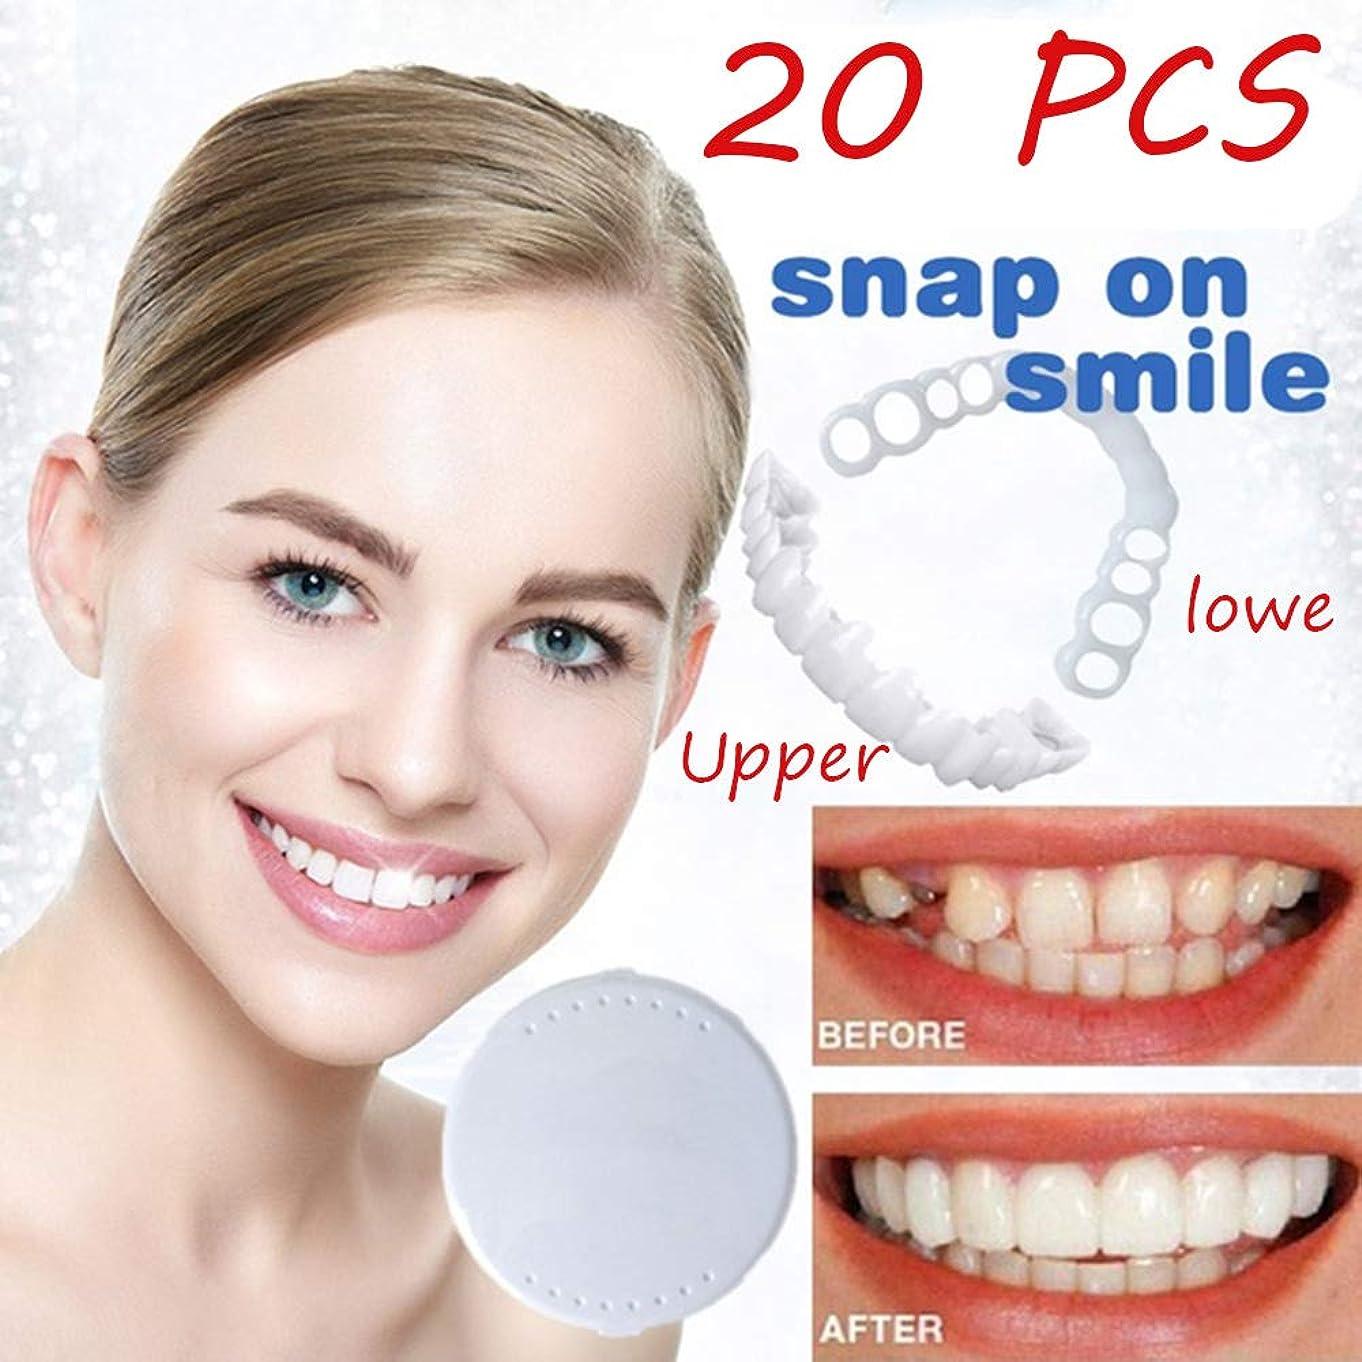 楕円形早熟保守的20 PCS化粧品の歯の一時的な笑顔の美白歯のシリコーンの歯の化粧品の歯の義歯のケアほとんどの人に適したサイズ(上下)